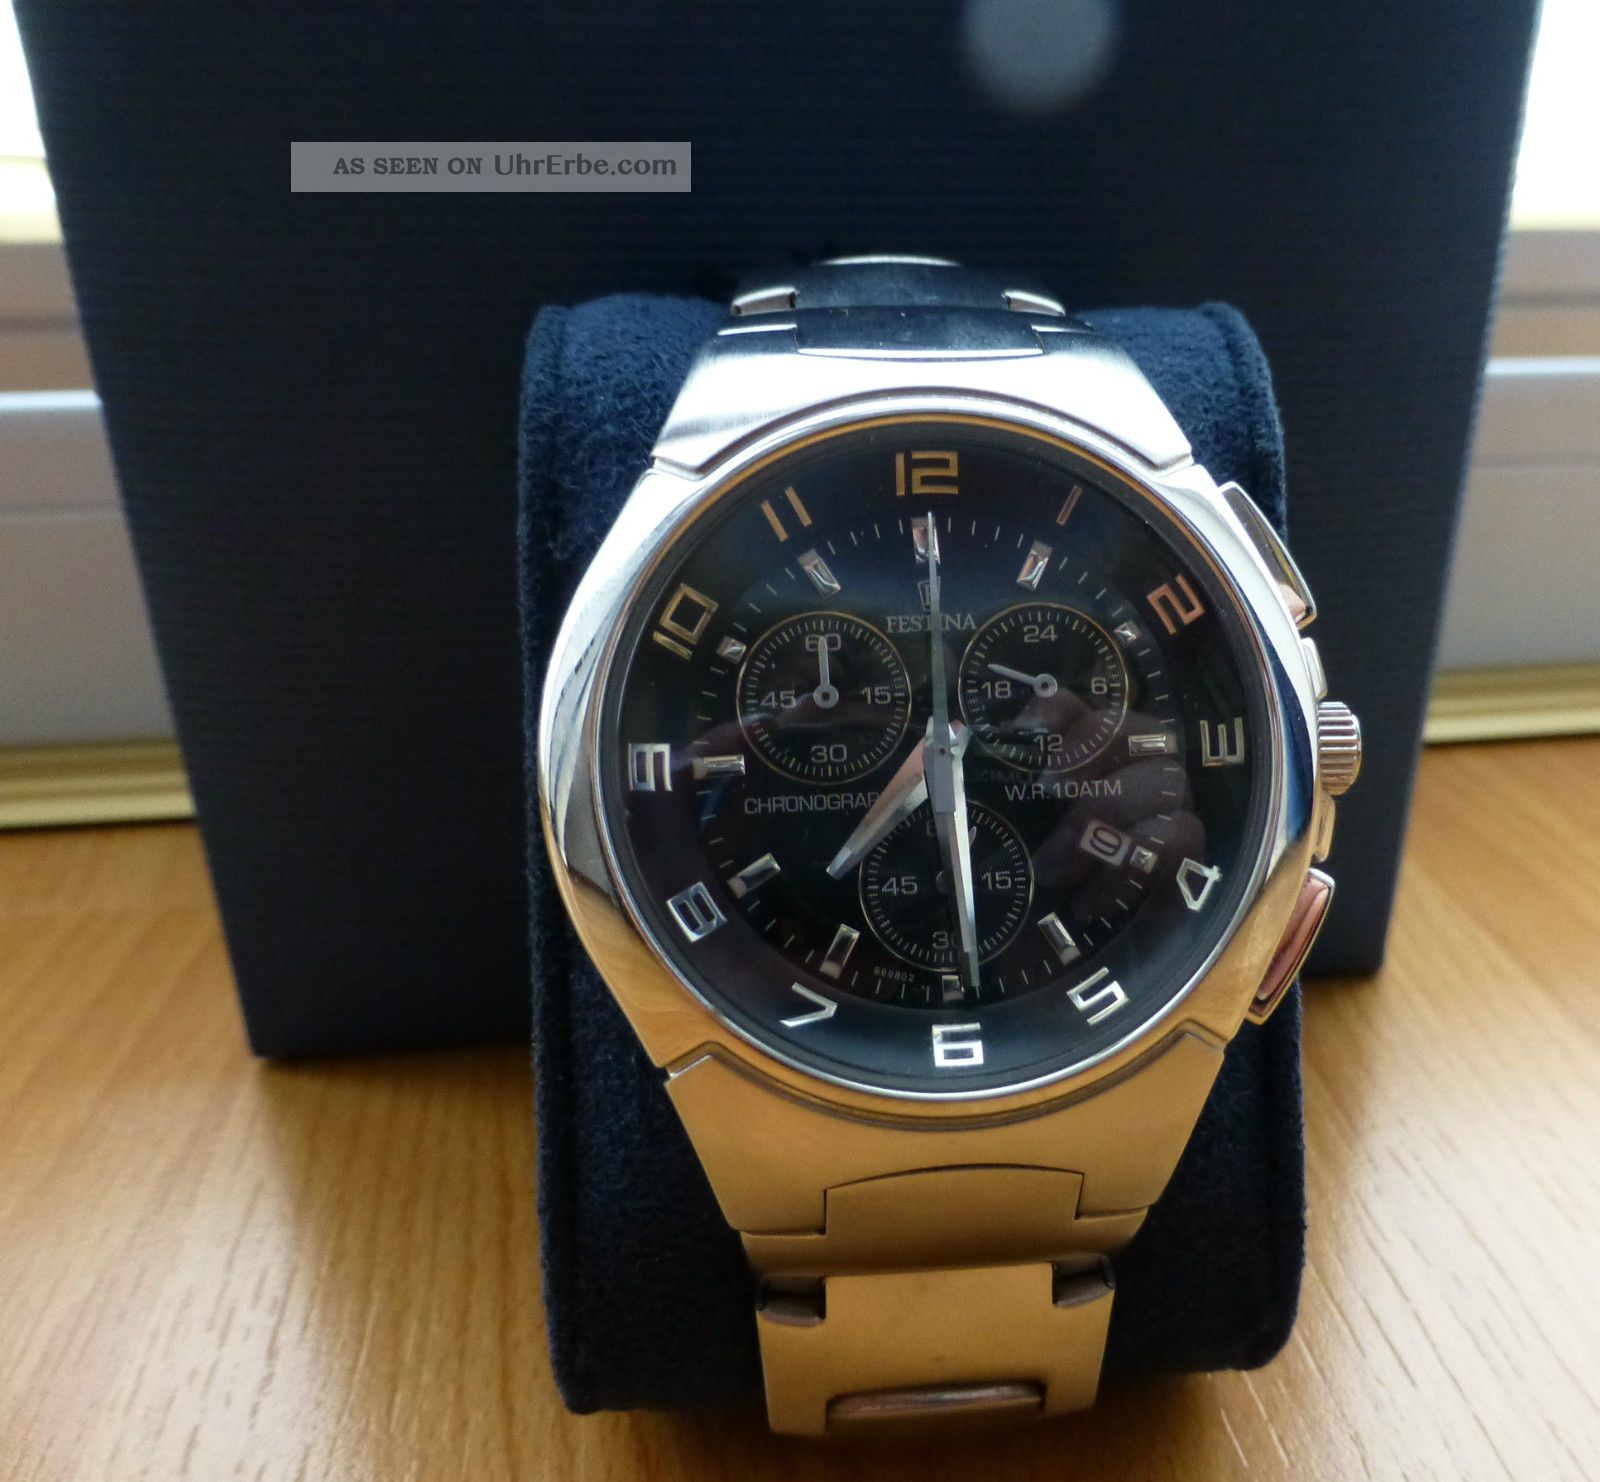 Festina Herren Edelstahl Uhr,  Ziffernblatt Chronograph F6698/2,  Herrenuhr Festina Armbanduhren Bild